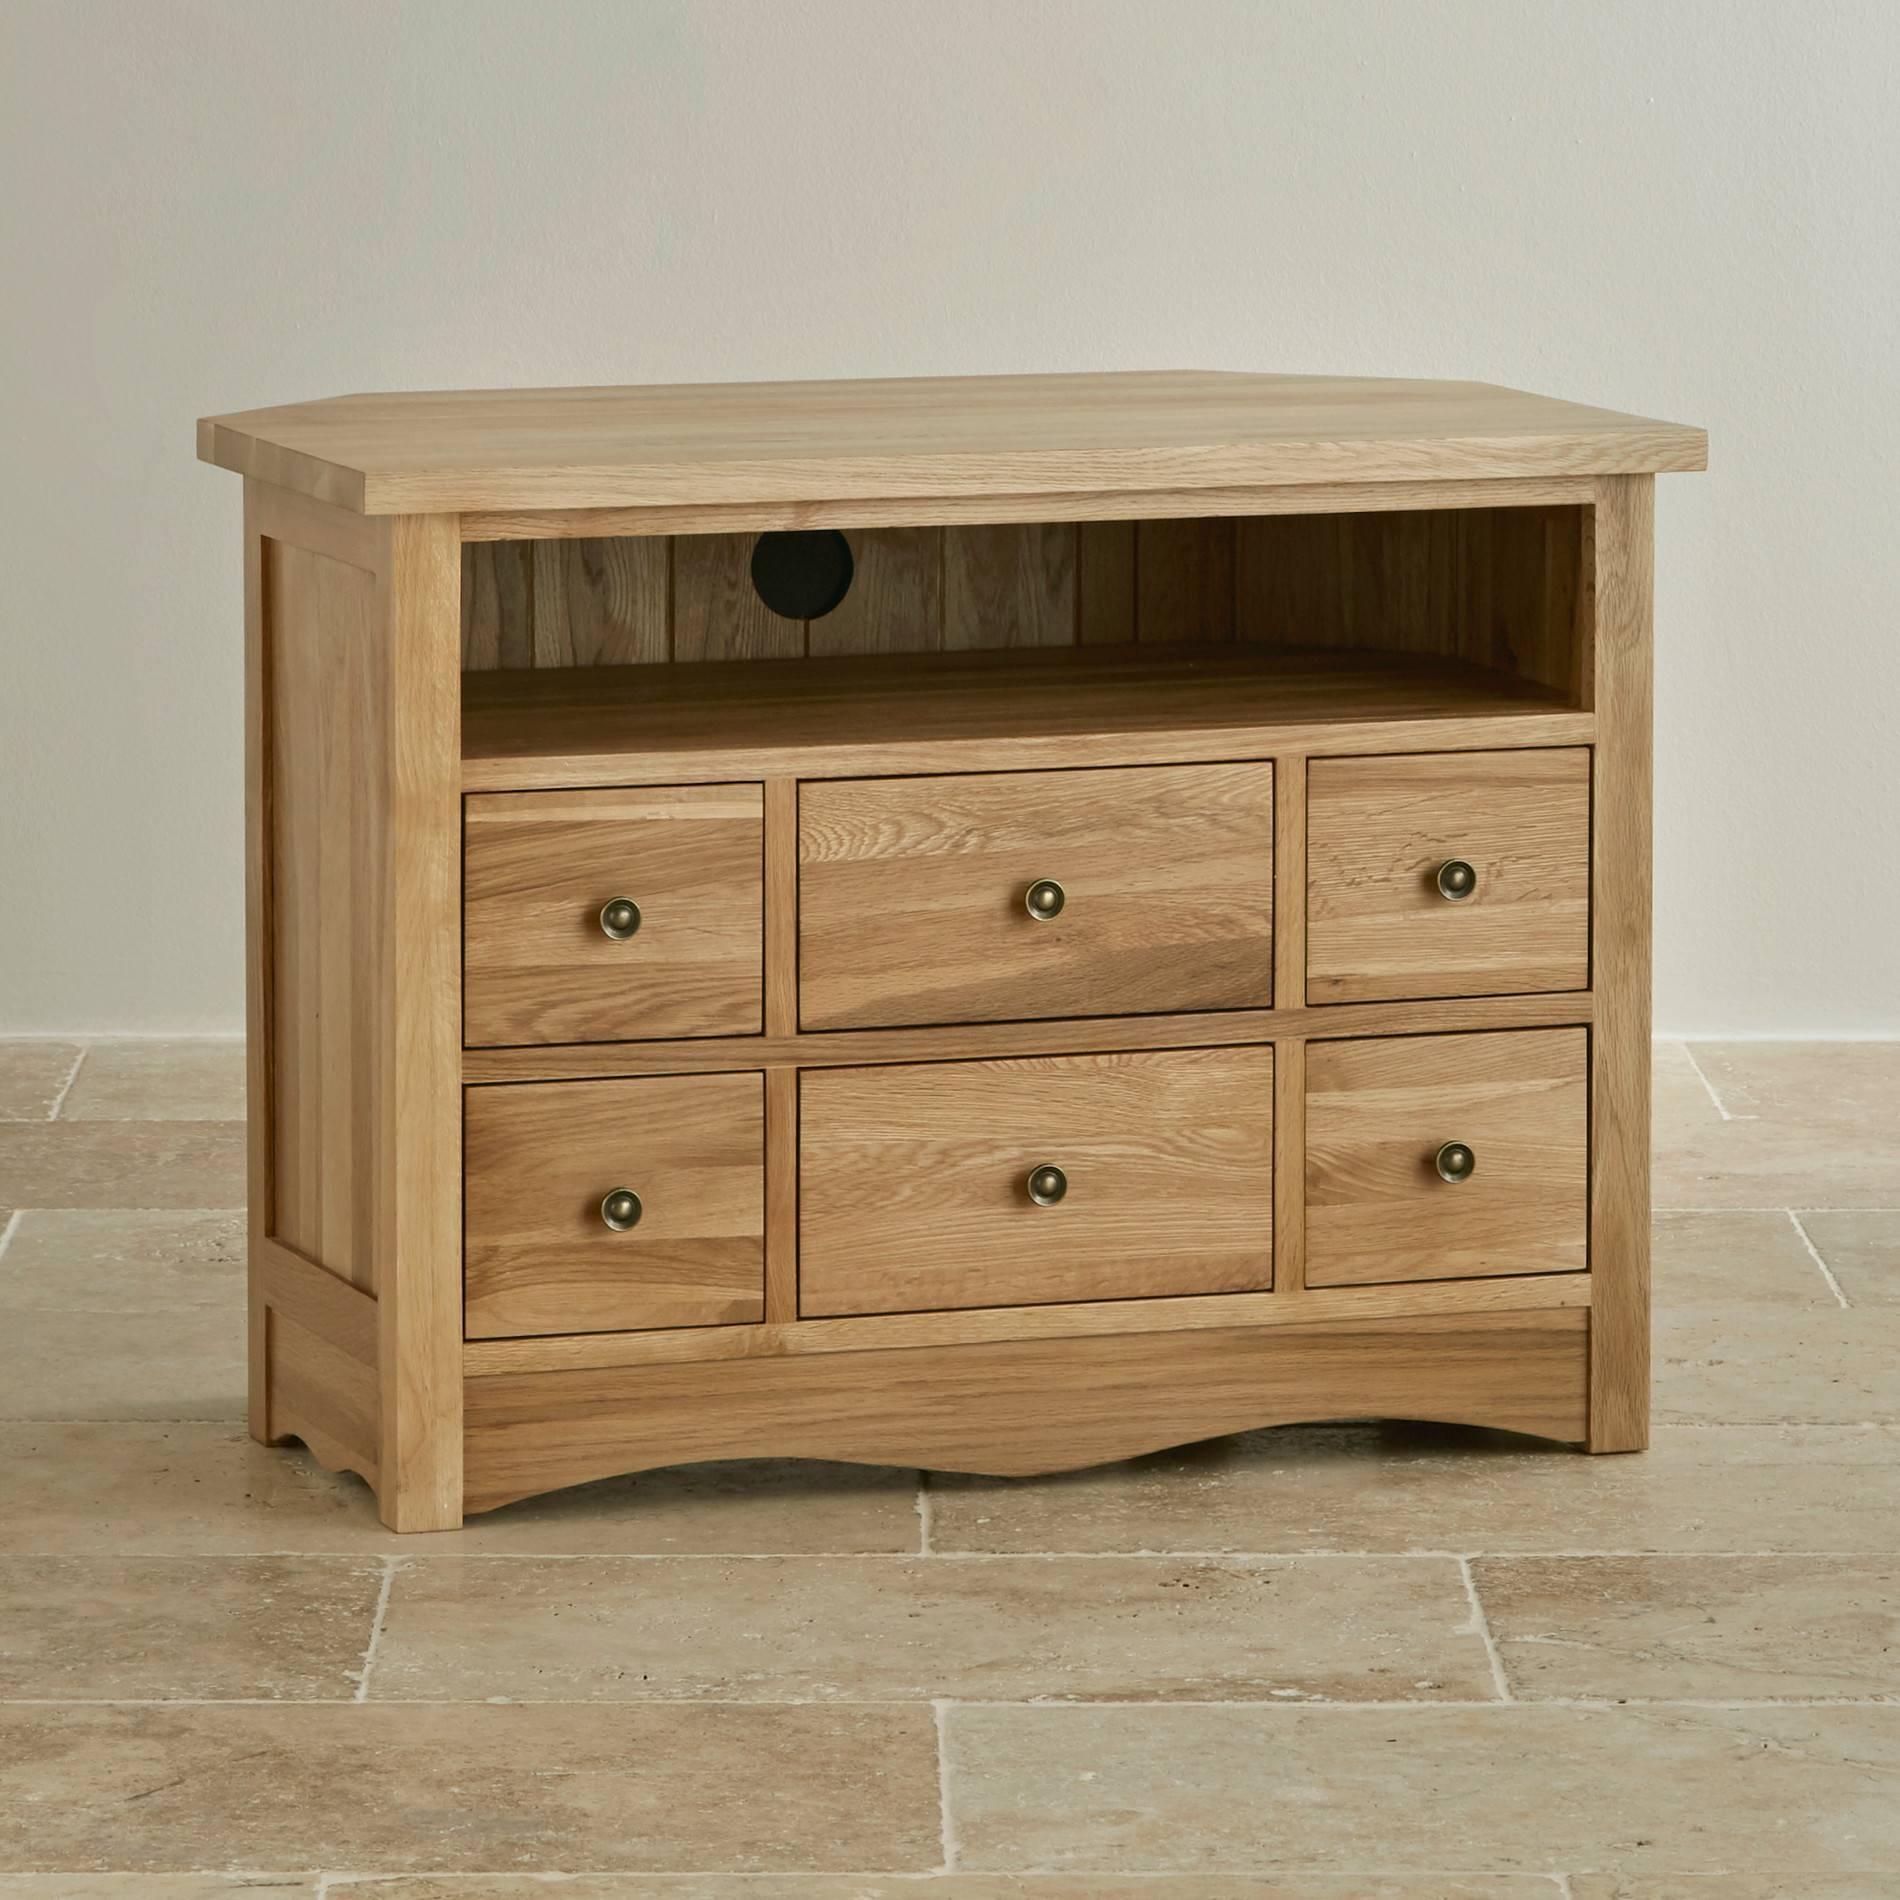 Cairo Corner Tv Cabinet In Natural Solid Oak | Oak Furniture Land intended for Solid Oak Corner Tv Cabinets (Image 2 of 15)